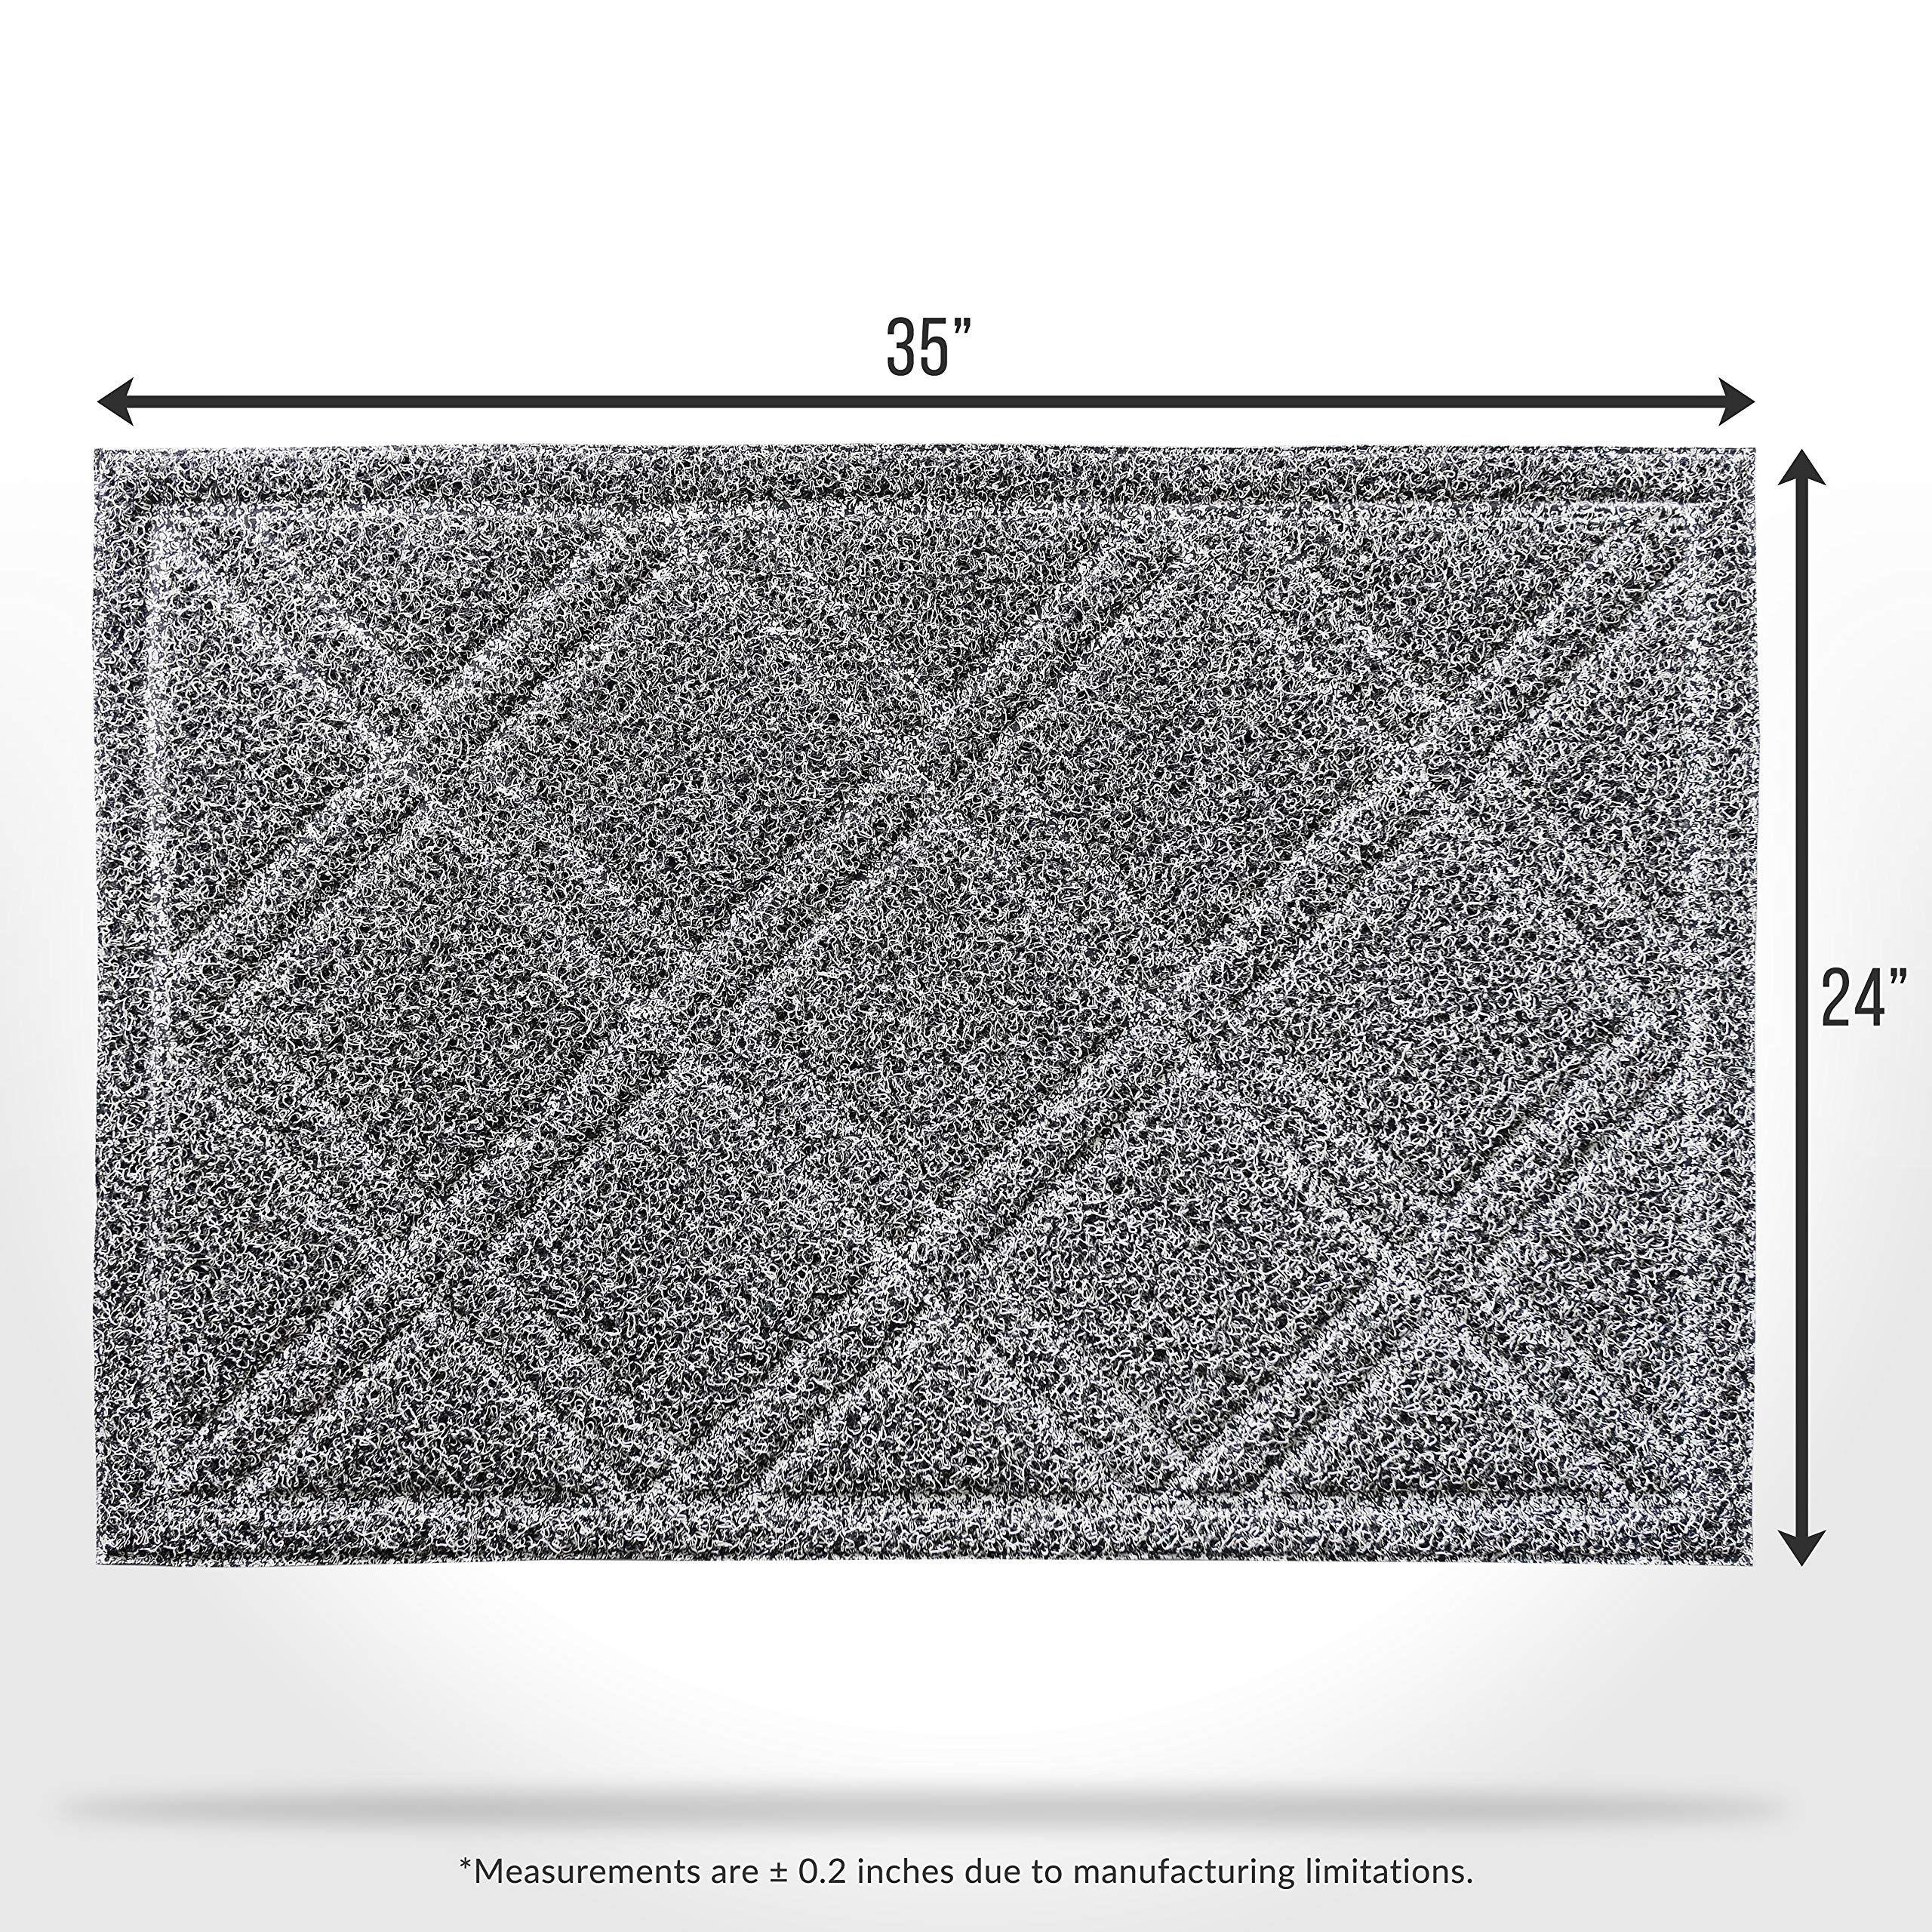 Brighaus Large Outdoor Indoor Door Mat 24 X 35 Nonslip Heavy Duty Front Welcome Doormat Rug Outside Patio Inside Entr Indoor Door Mats Door Mat Outside Patio